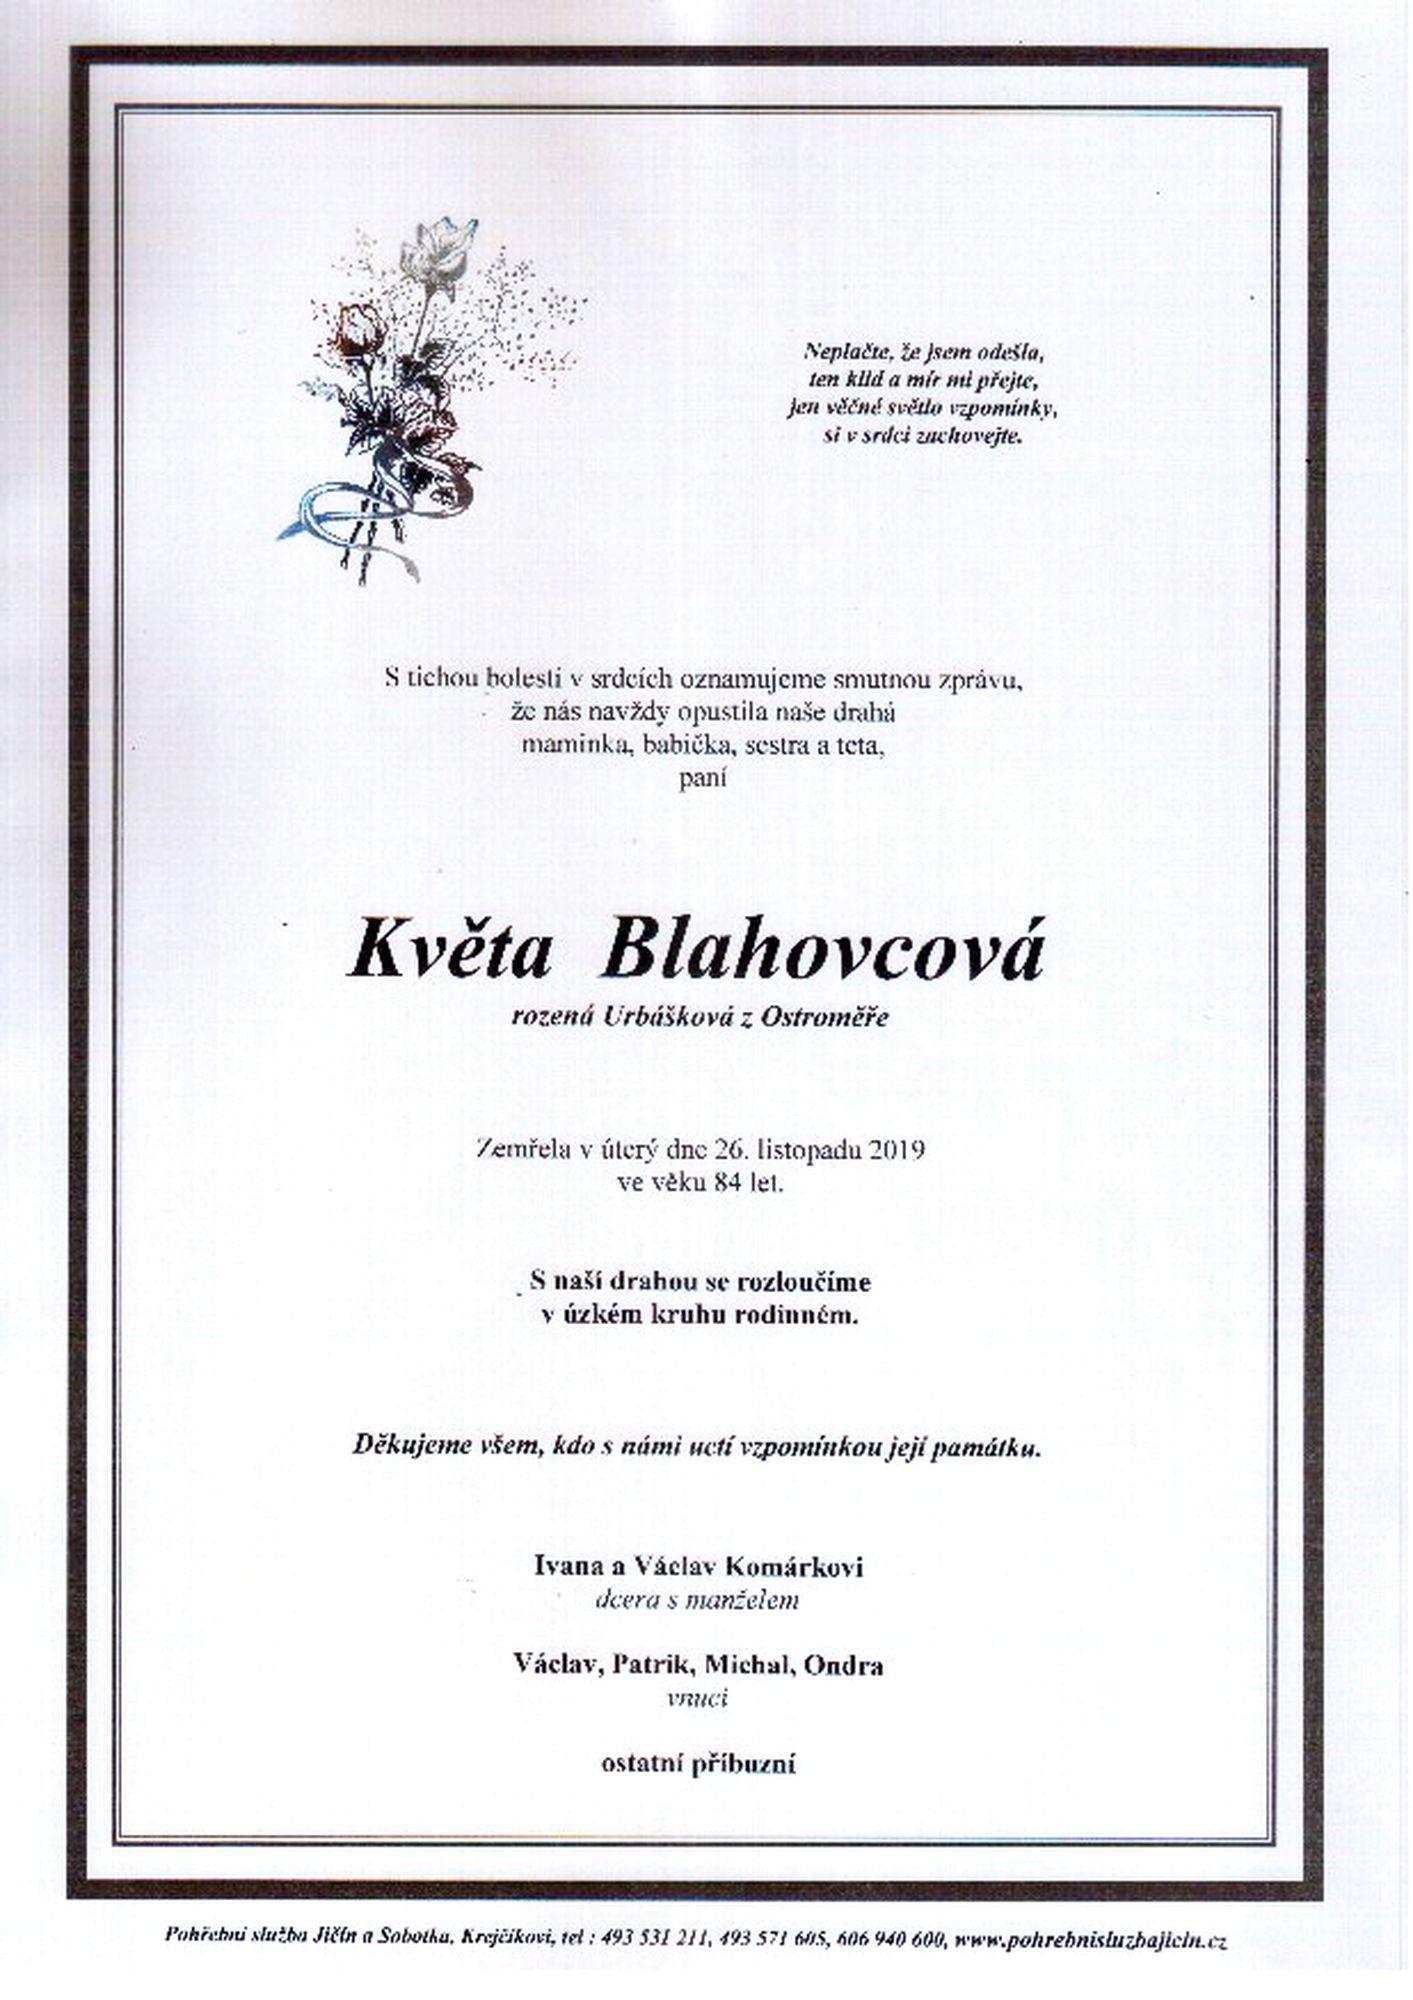 Květa Blahovcová